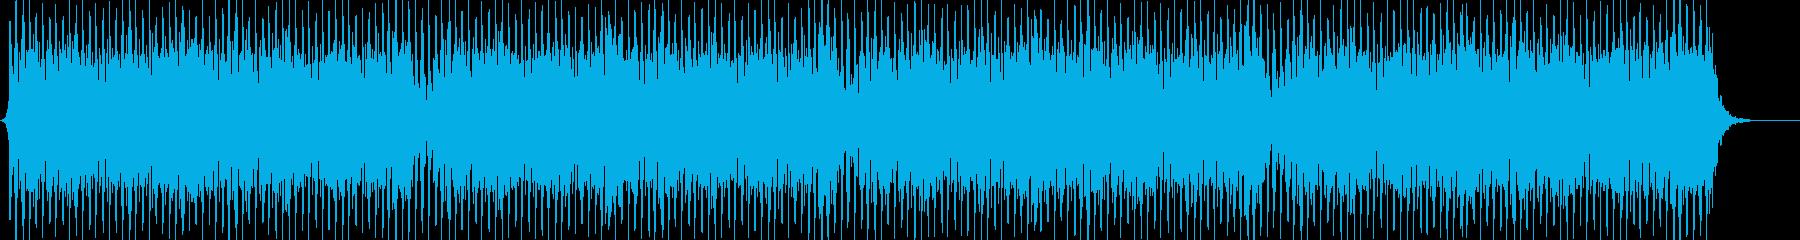 ヘッドライン/ニュース/事件/事故/報道の再生済みの波形